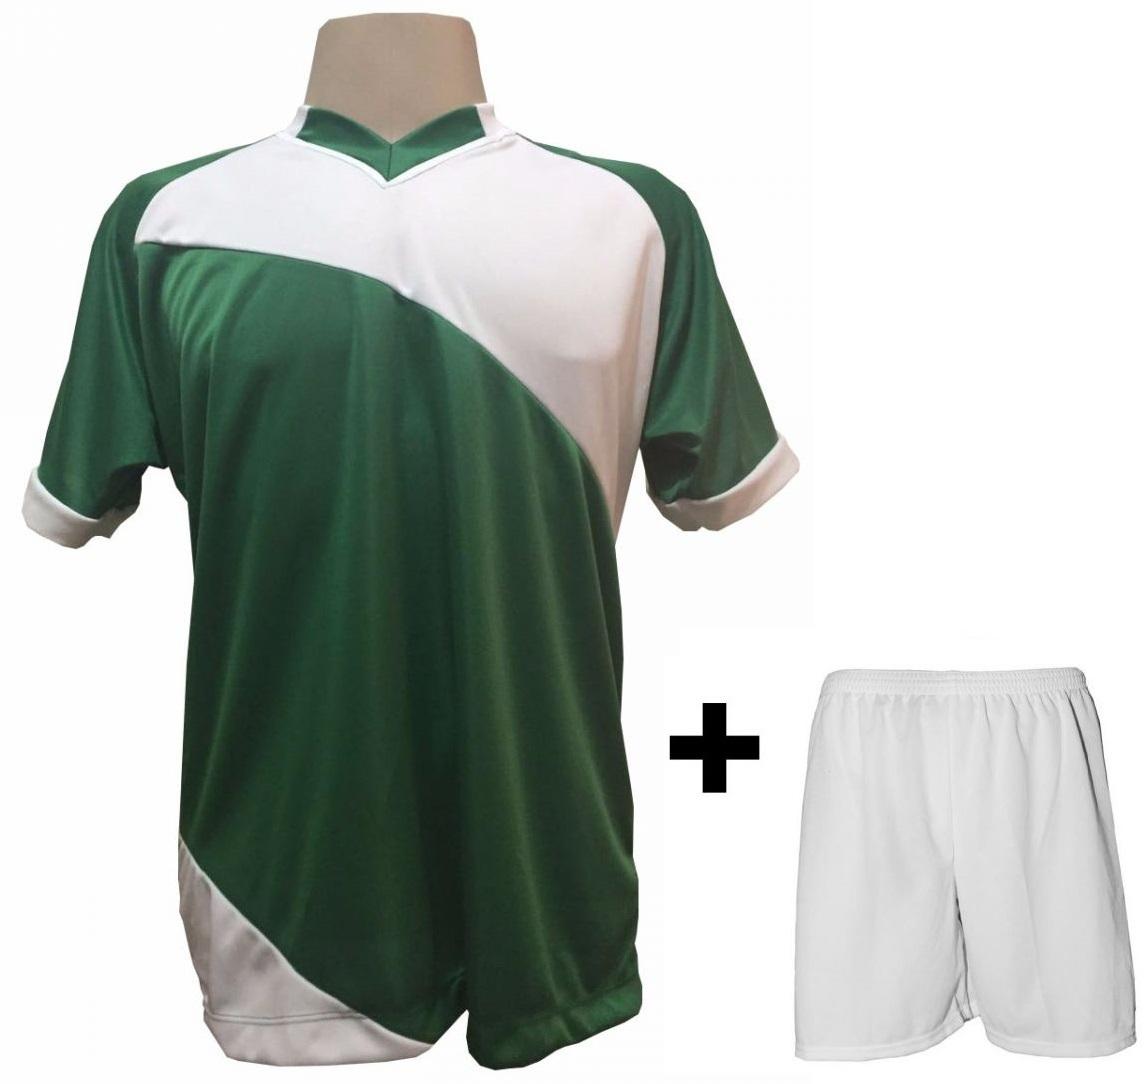 Uniforme Esportivo com 20 Camisas modelo Bélgica Verde/Branco + 20 Calções modelo Madrid Branco   - ESTAÇÃO DO ESPORTE